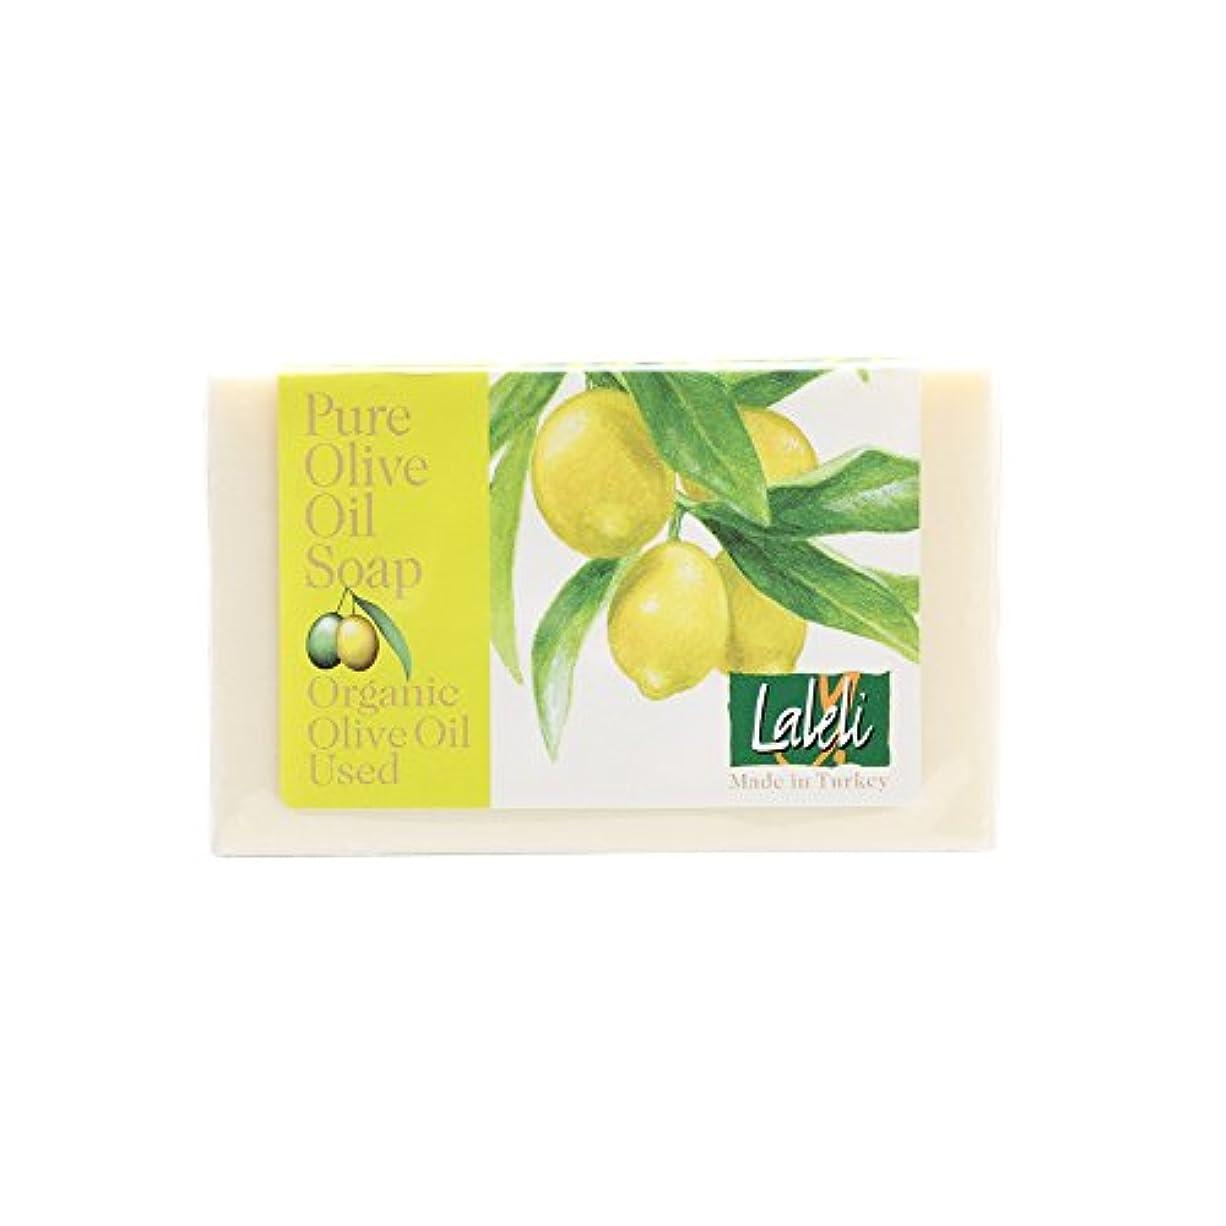 靄配送ぐったりラーレリ オーガニックオリーブオイルソープ レモン 120g